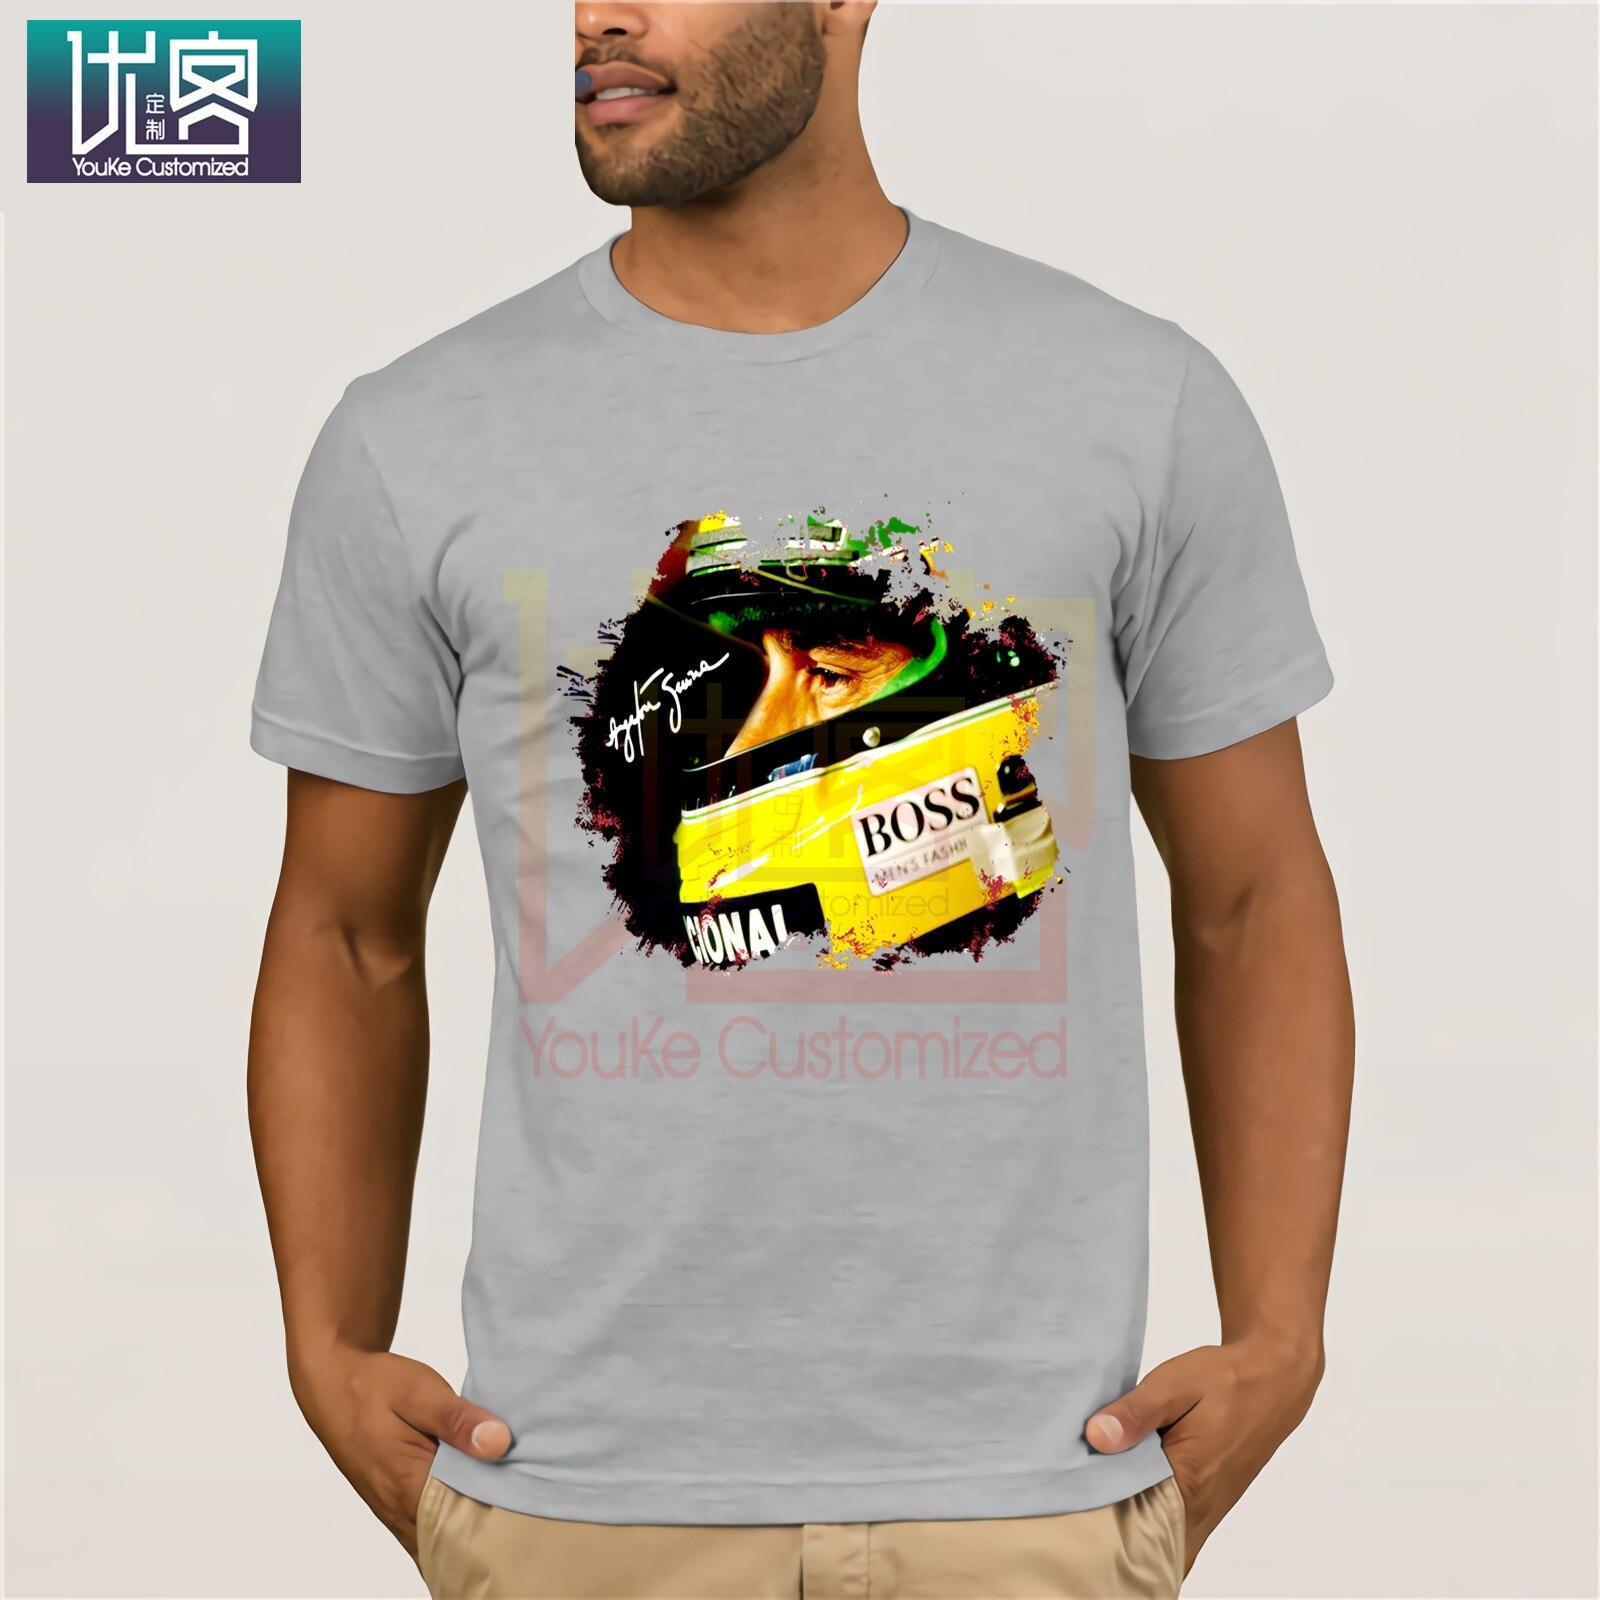 2019-plus-recent-mode-ayrton-font-b-senna-b-font-hommage-t-shirt-casque-t-shirt-hommes-de-haute-qualite-t-shirts-humor-t-shirt-100-couverture-en-coton-graphique